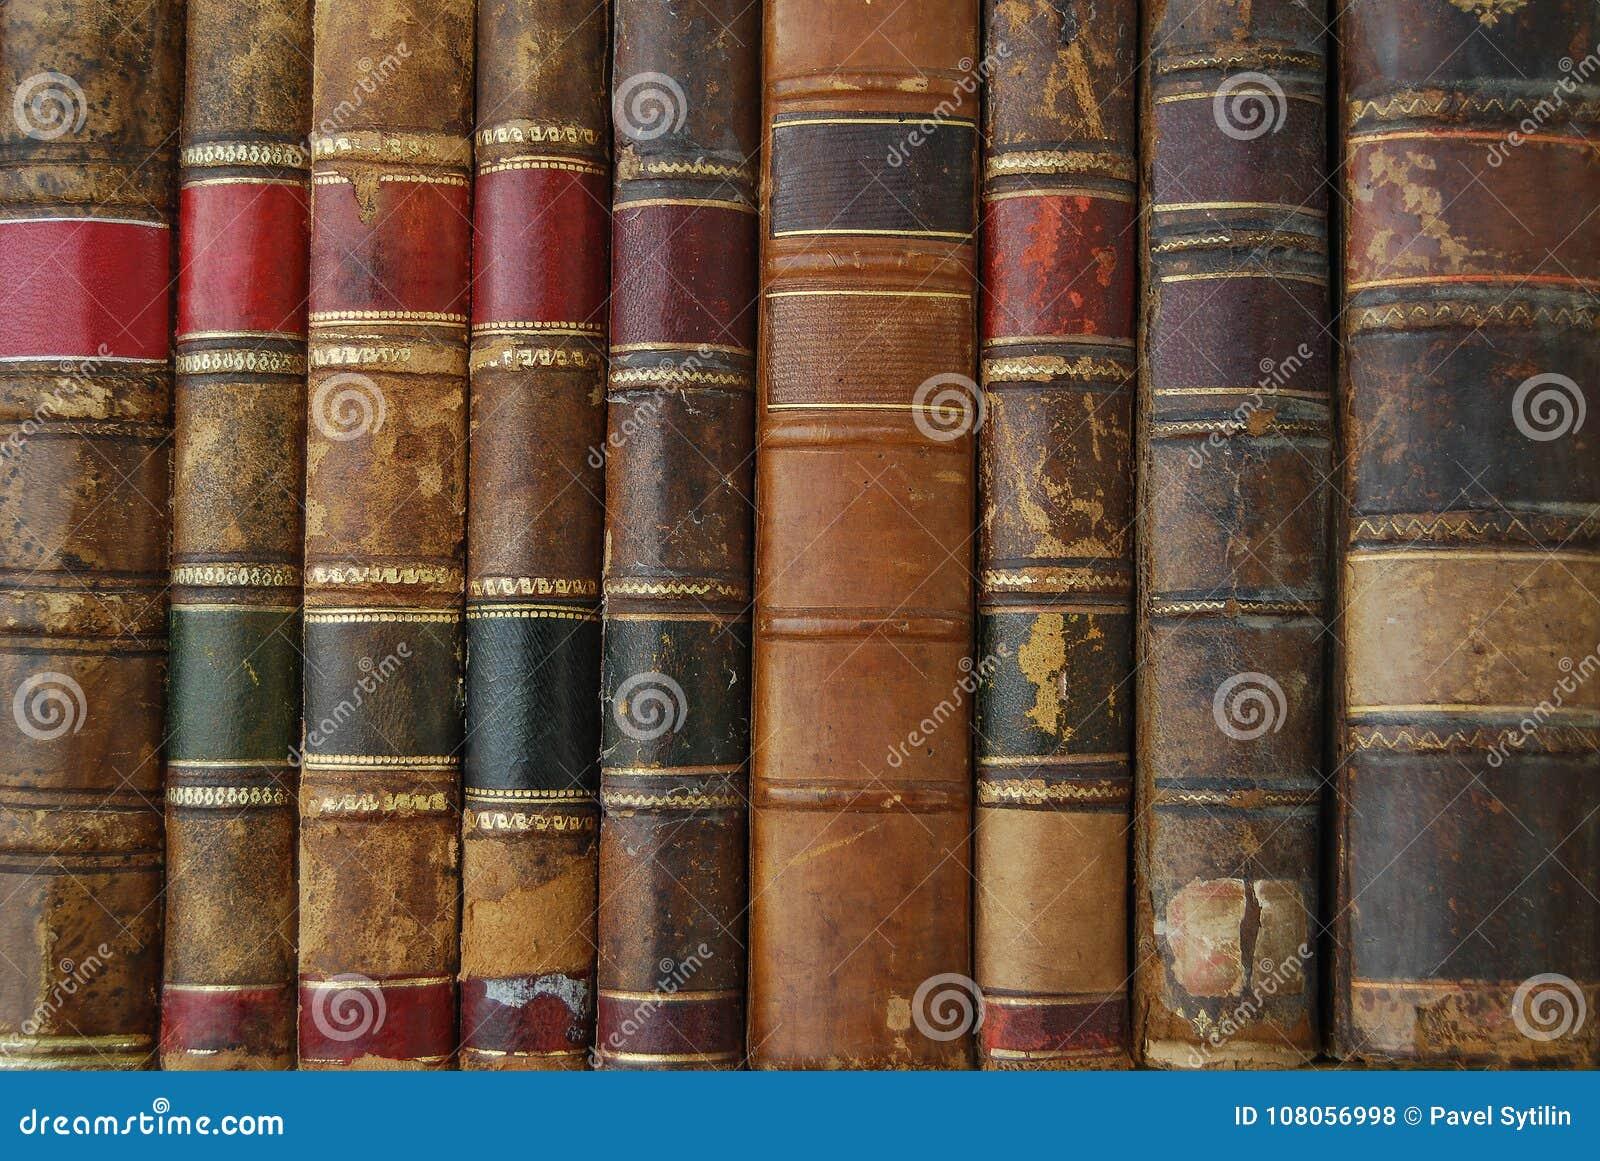 Fondo de los libros viejos